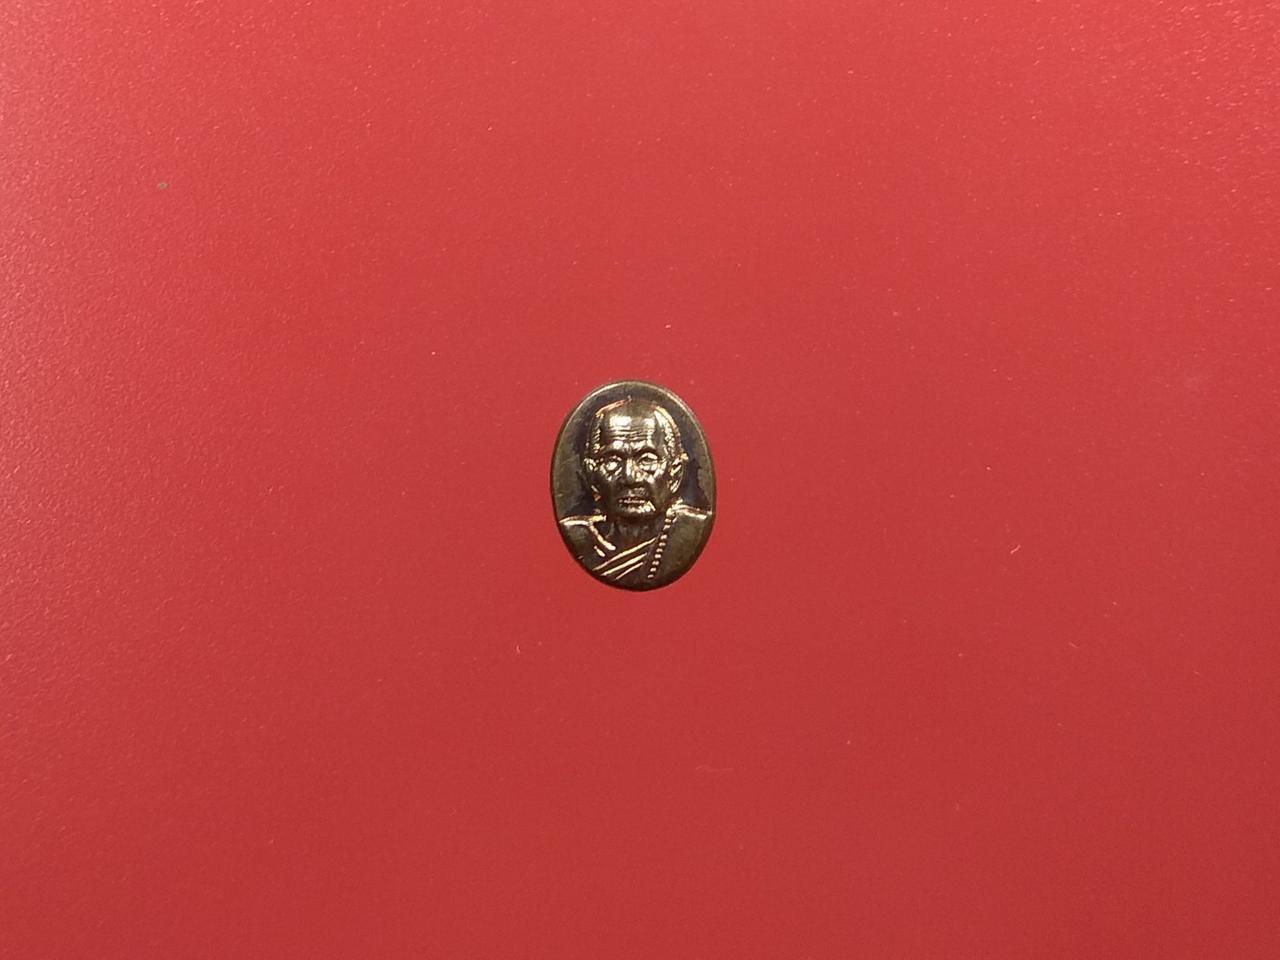 เหรียญเม็ดยาเล็ก วัดป่าหนองหล่ม รุ่นรวยเบิกฟ้า ปี59 รูปที่ 6